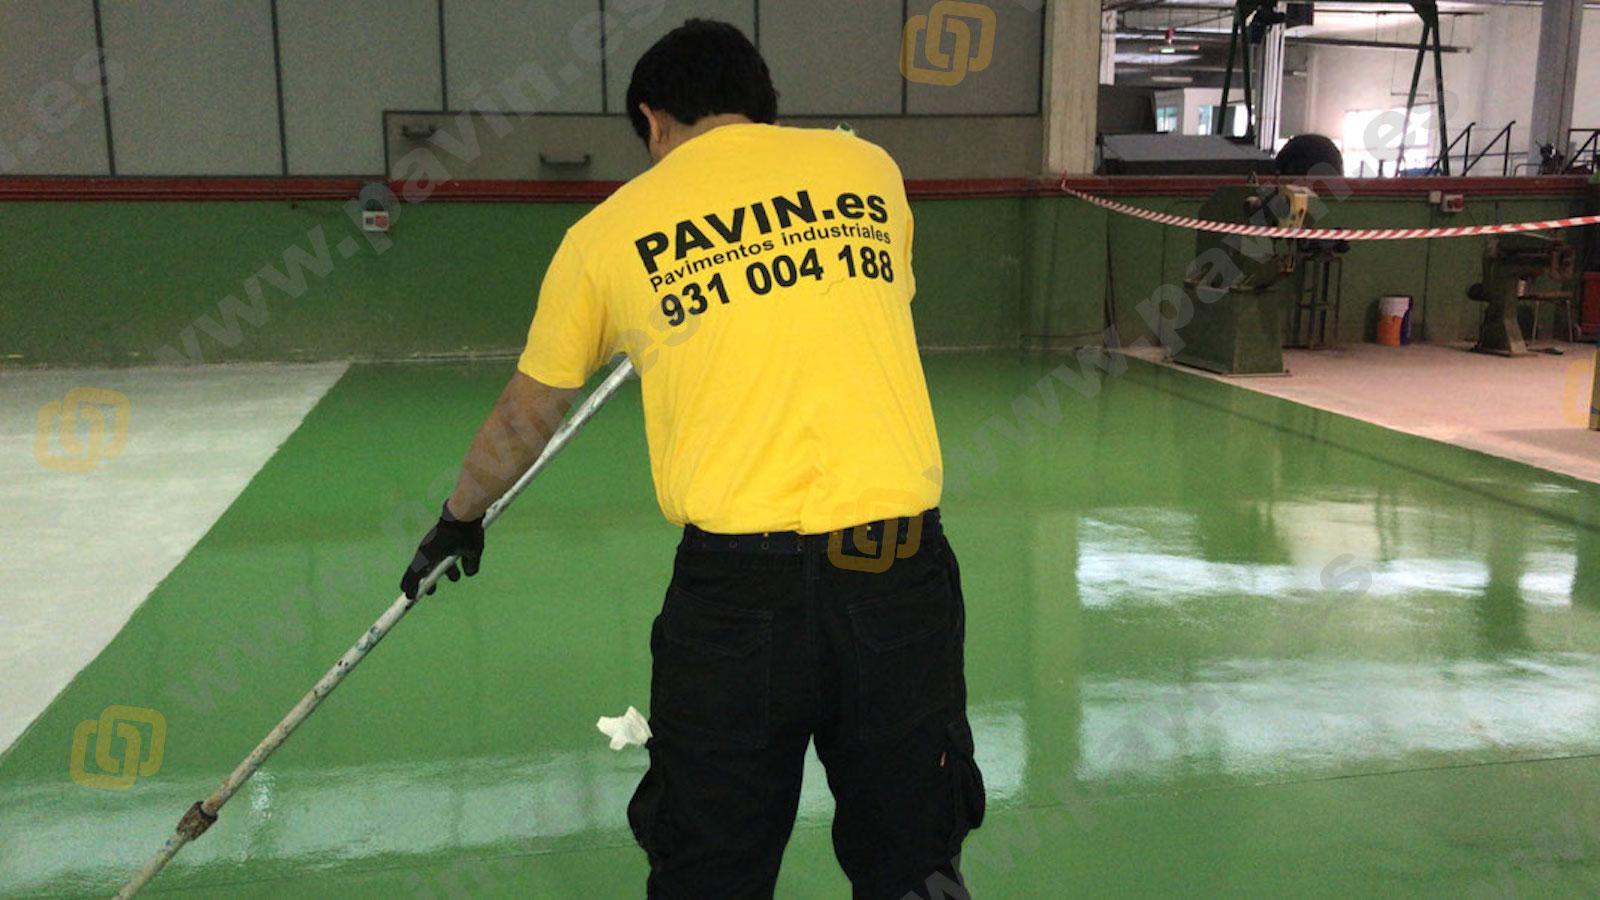 poliuretano,acrilico,alifatico,suelos,pavimentos,industriales